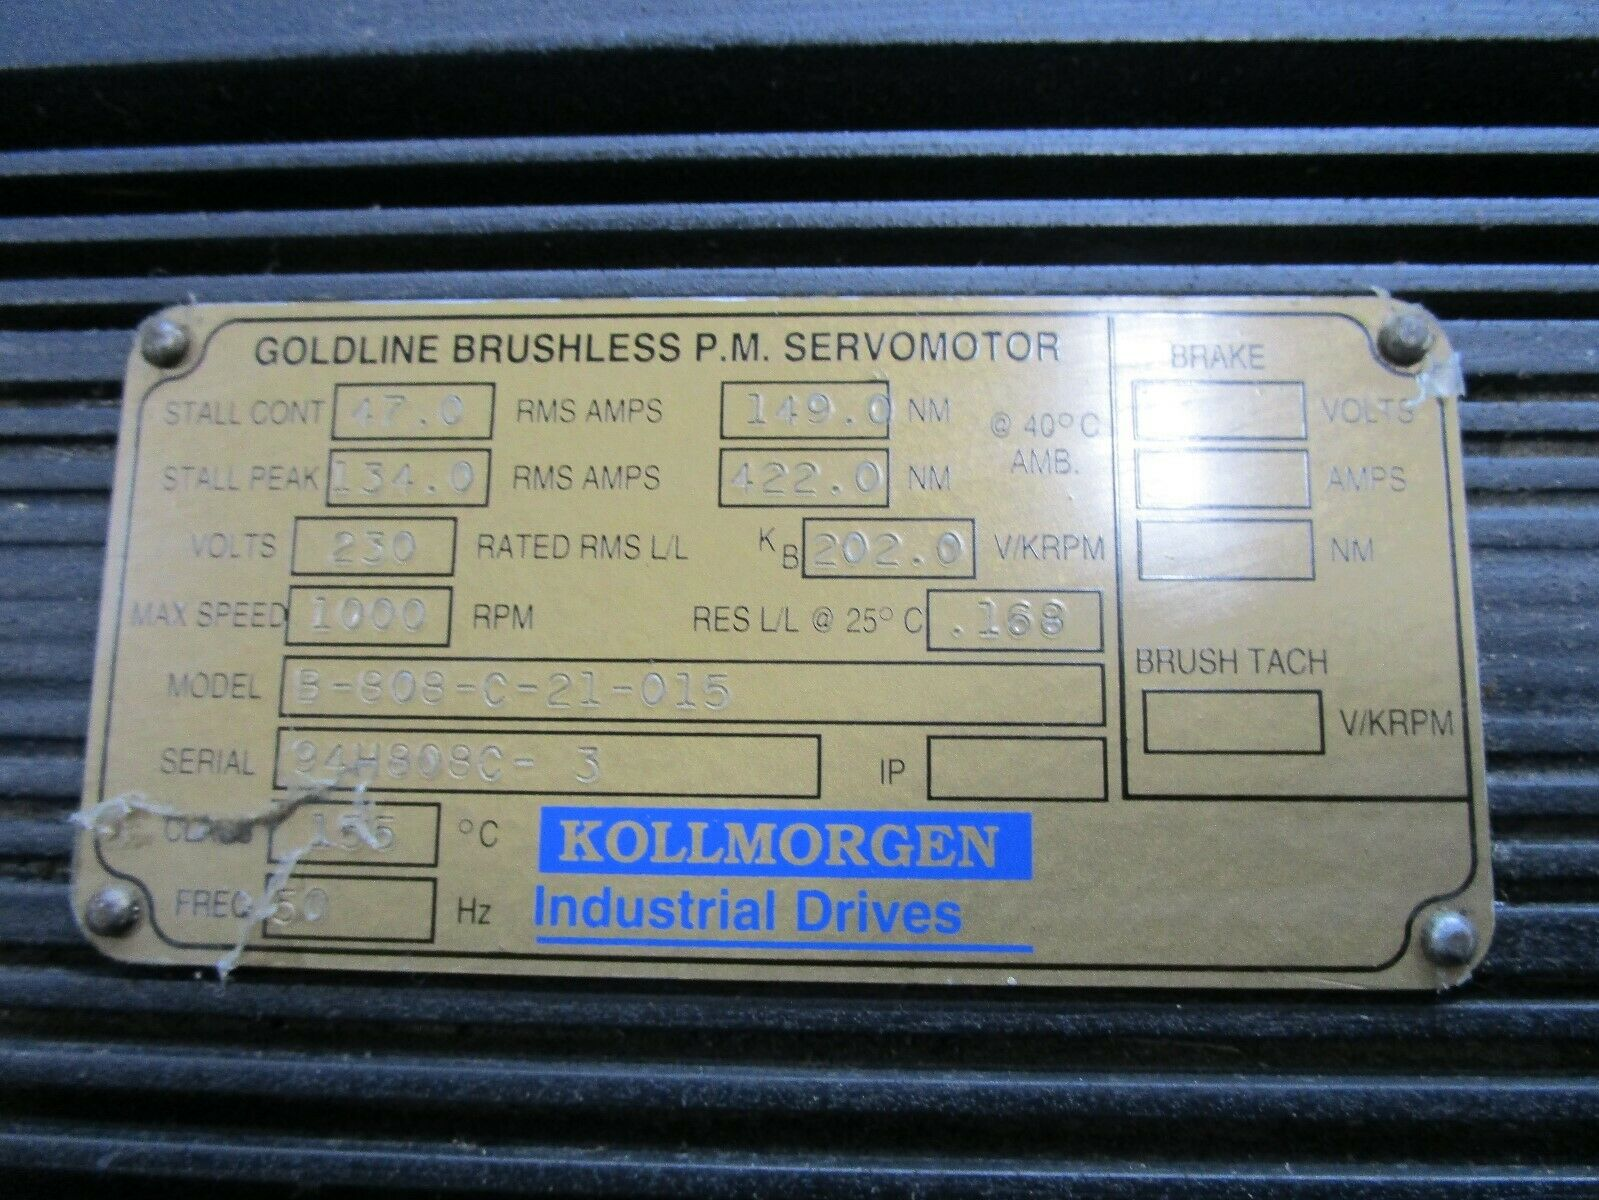 KOLLMORGEN SERVO MOTOR B-808-0-21-015